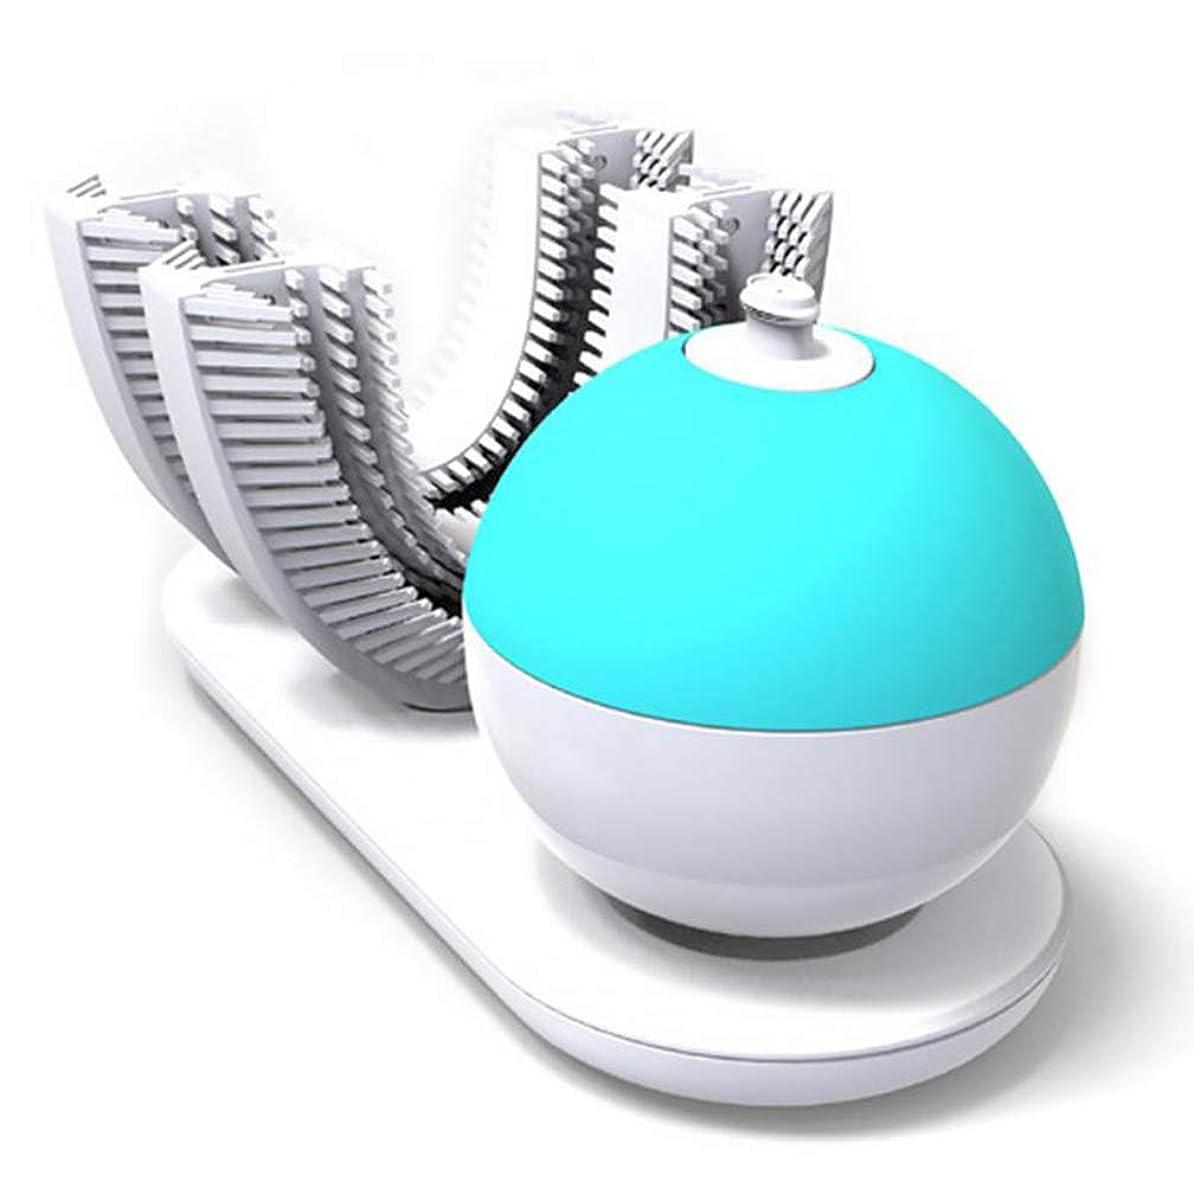 サンプル集中三十怠惰な電動歯ブラシ、音波自動歯ブラシ360°包囲清掃歯、より深い清掃、クリーニングを白くする歯を満たす無線USB